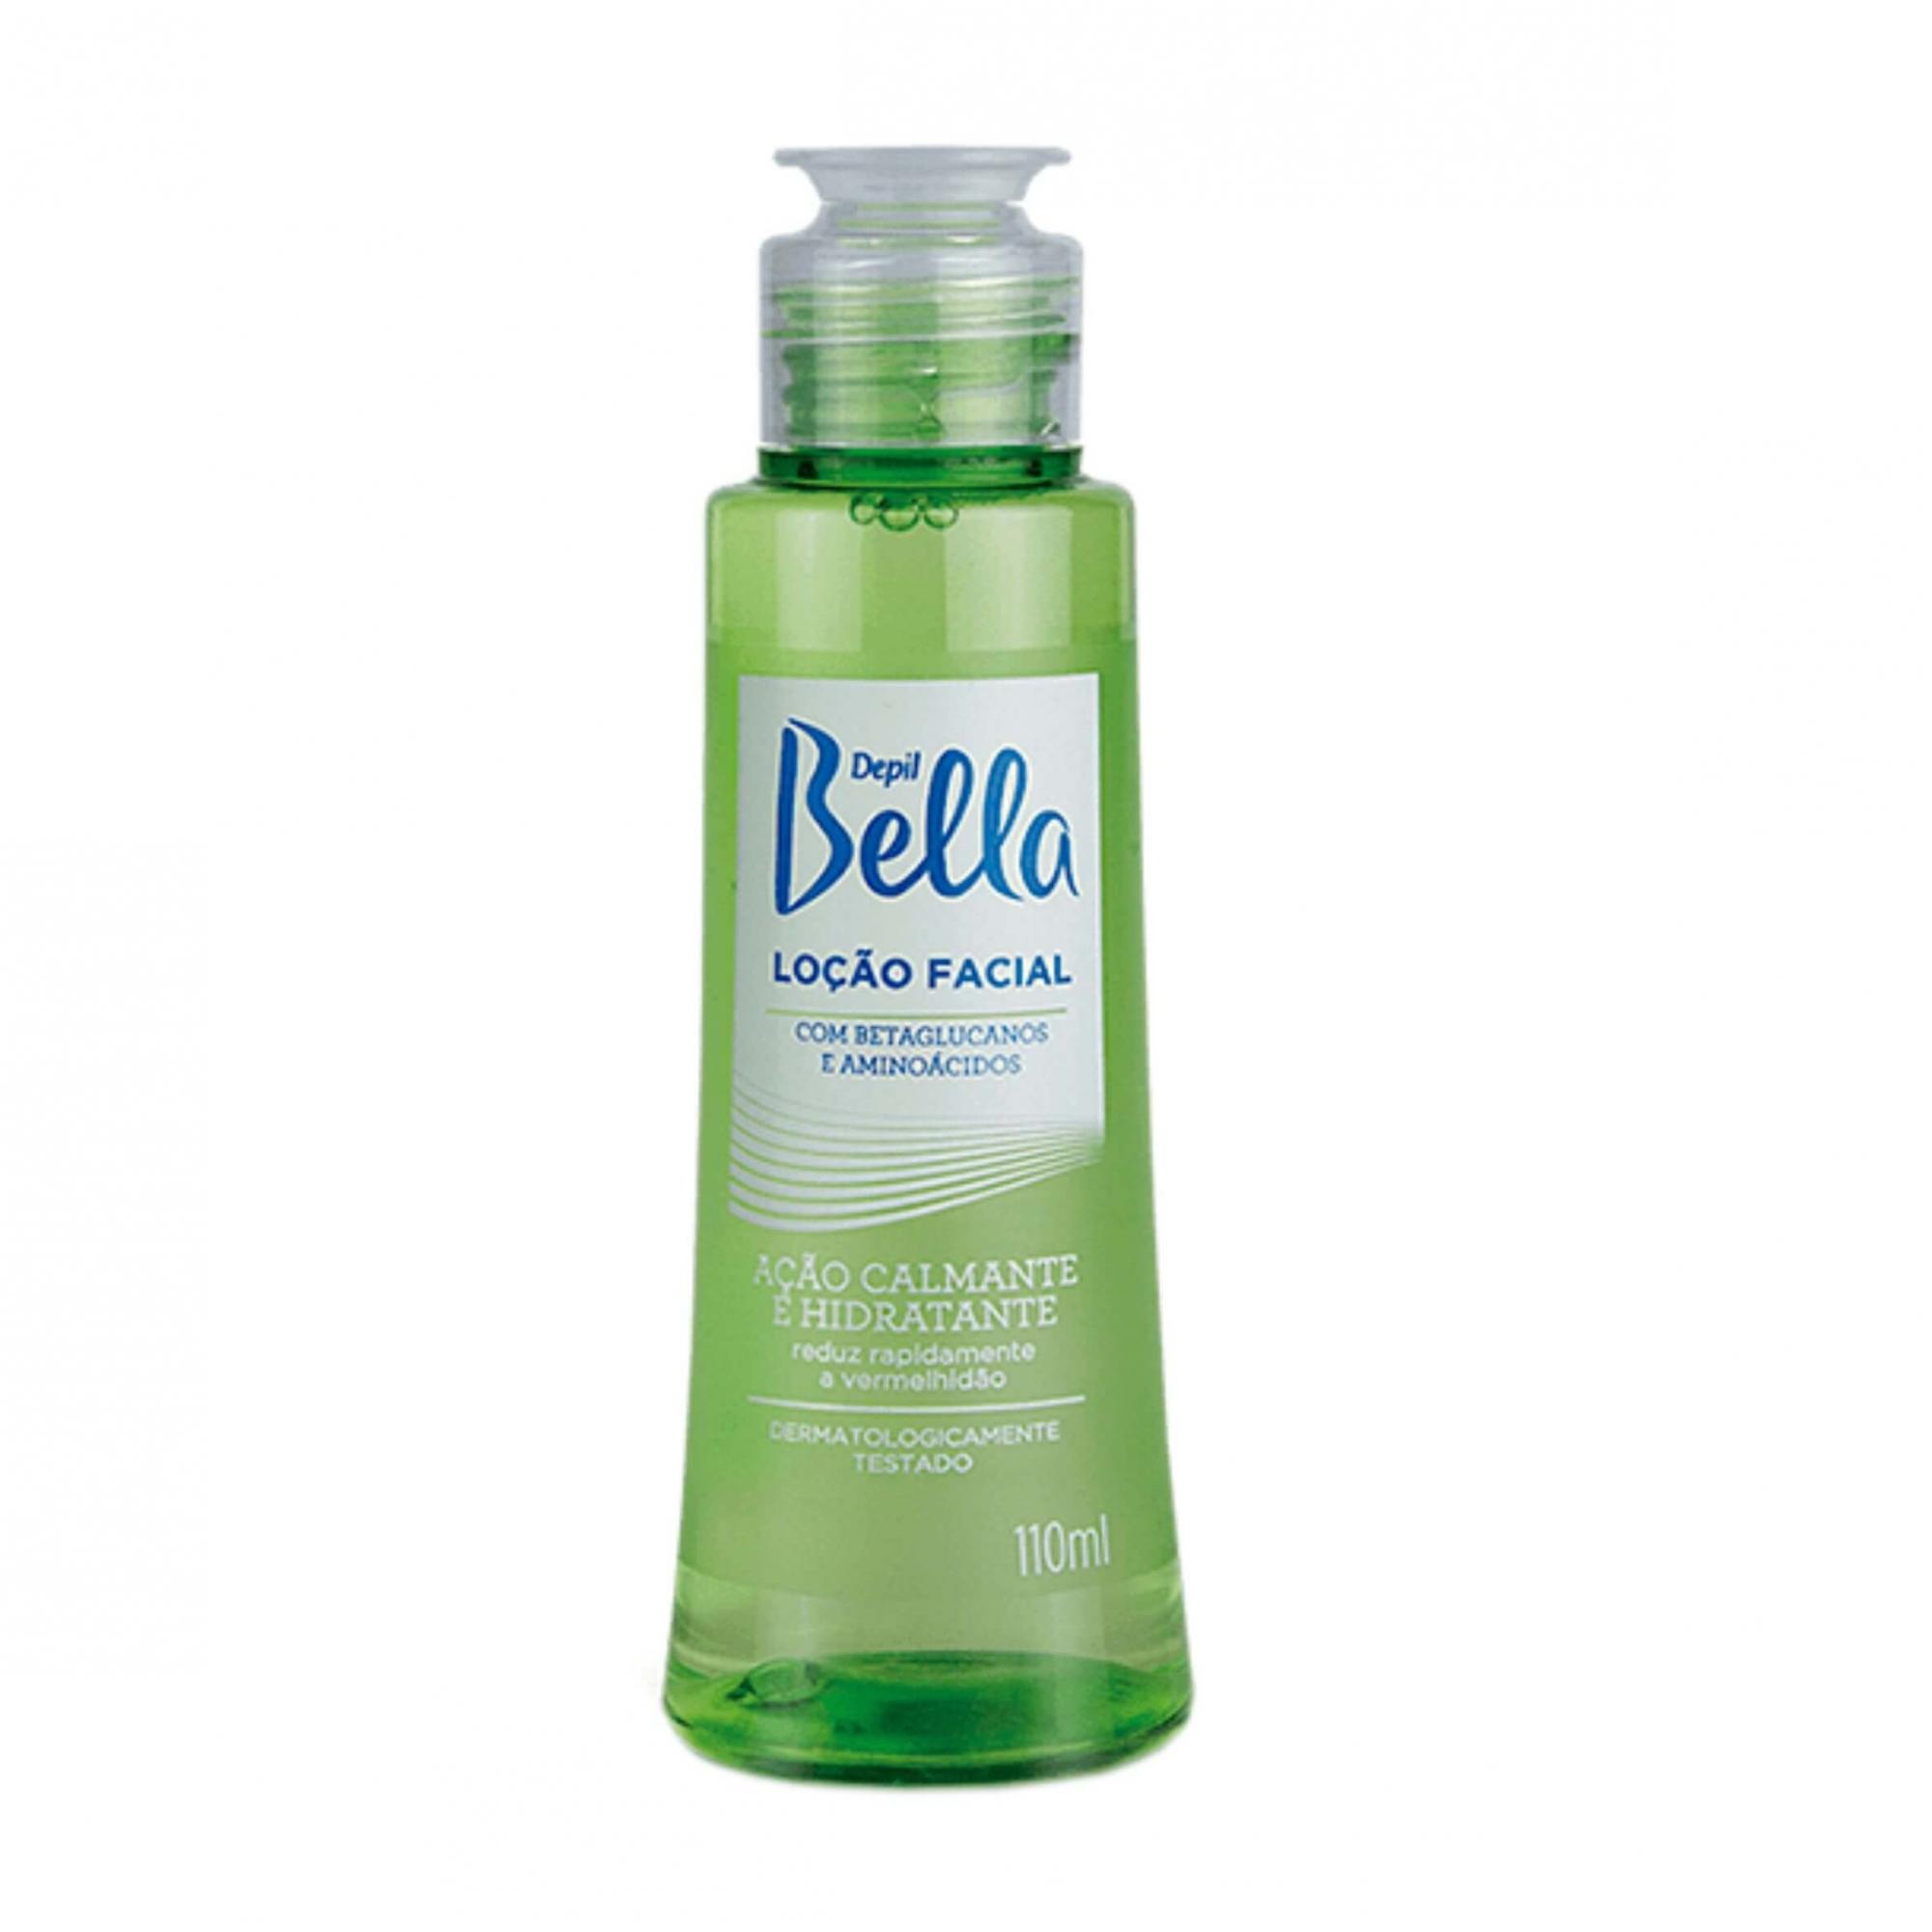 Loção Facial Calmante Depil Bella 110ml